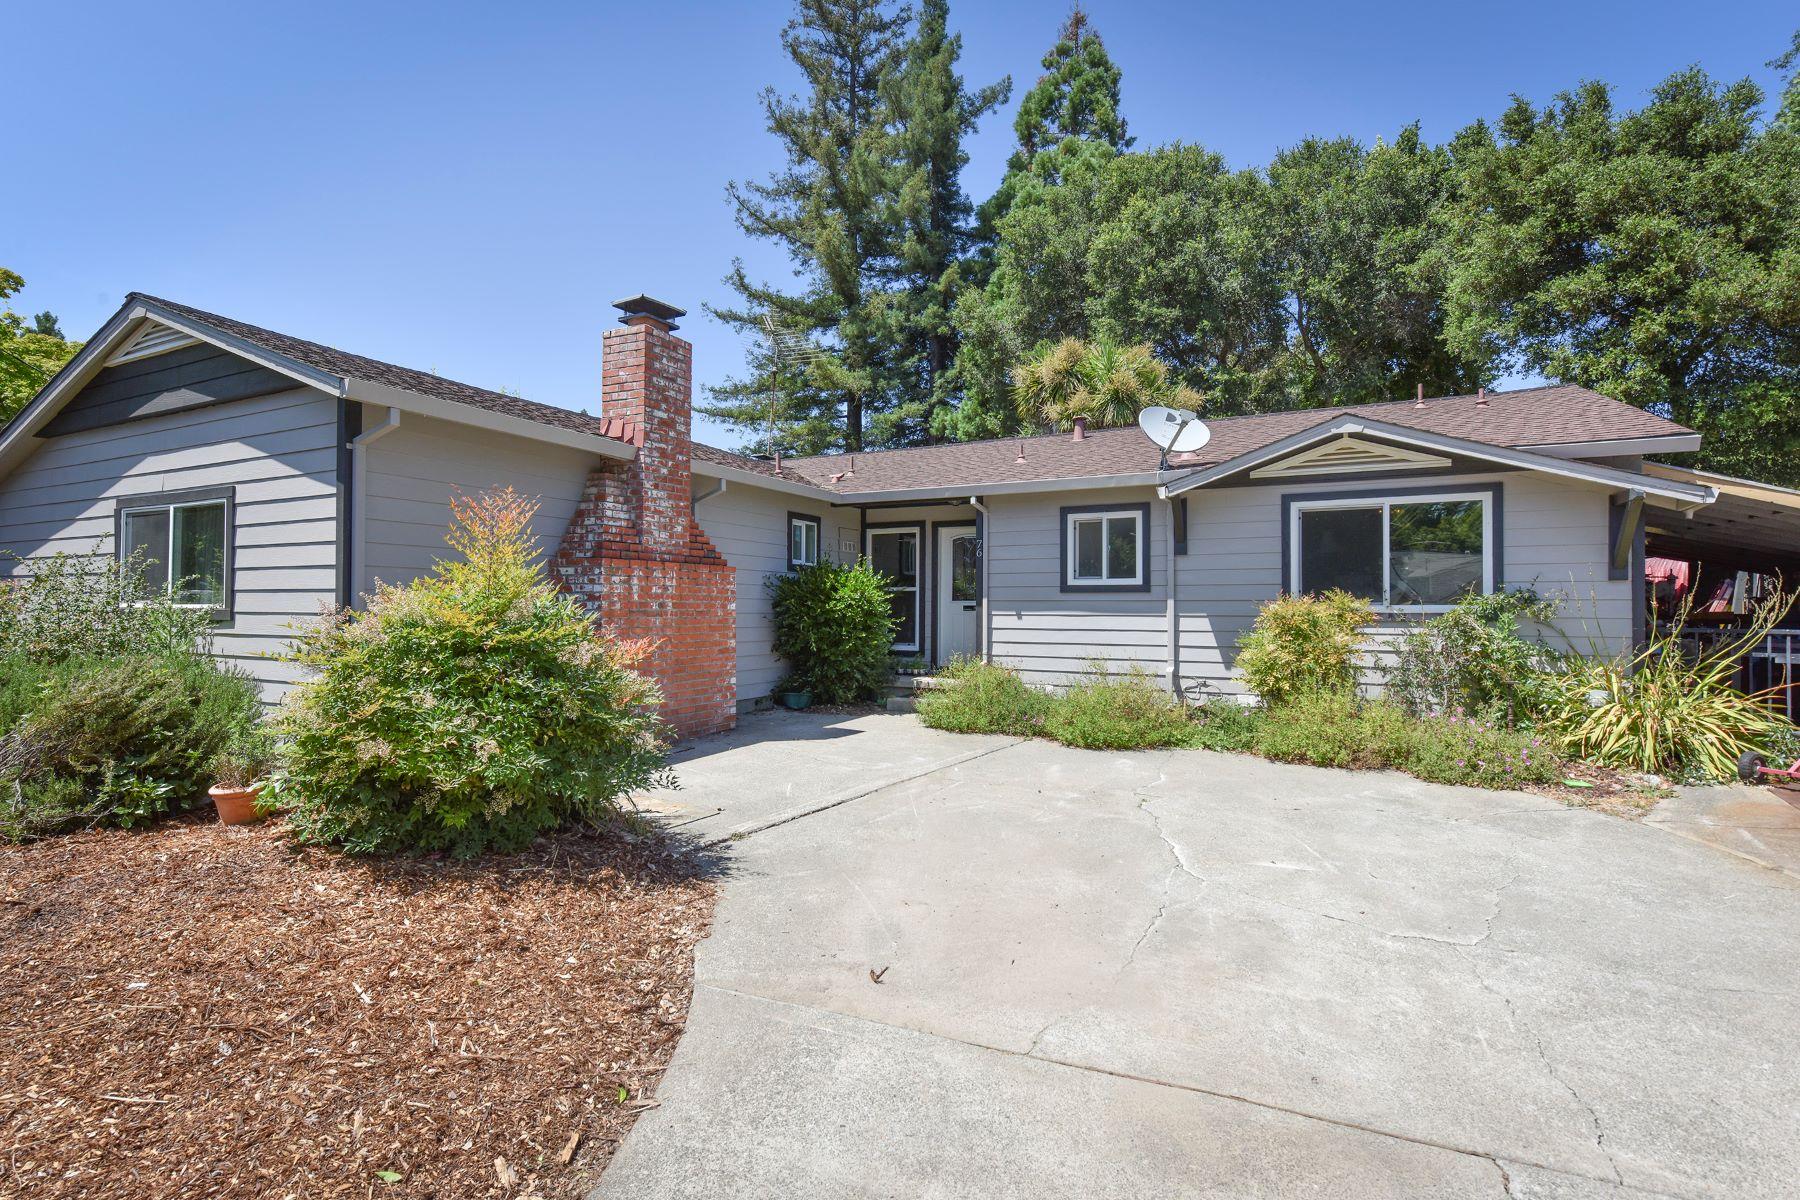 独户住宅 为 销售 在 An Inviting Home with Elegant Upgrades 76 Harvard Lane 纳帕, 加利福尼亚州, 94558 美国